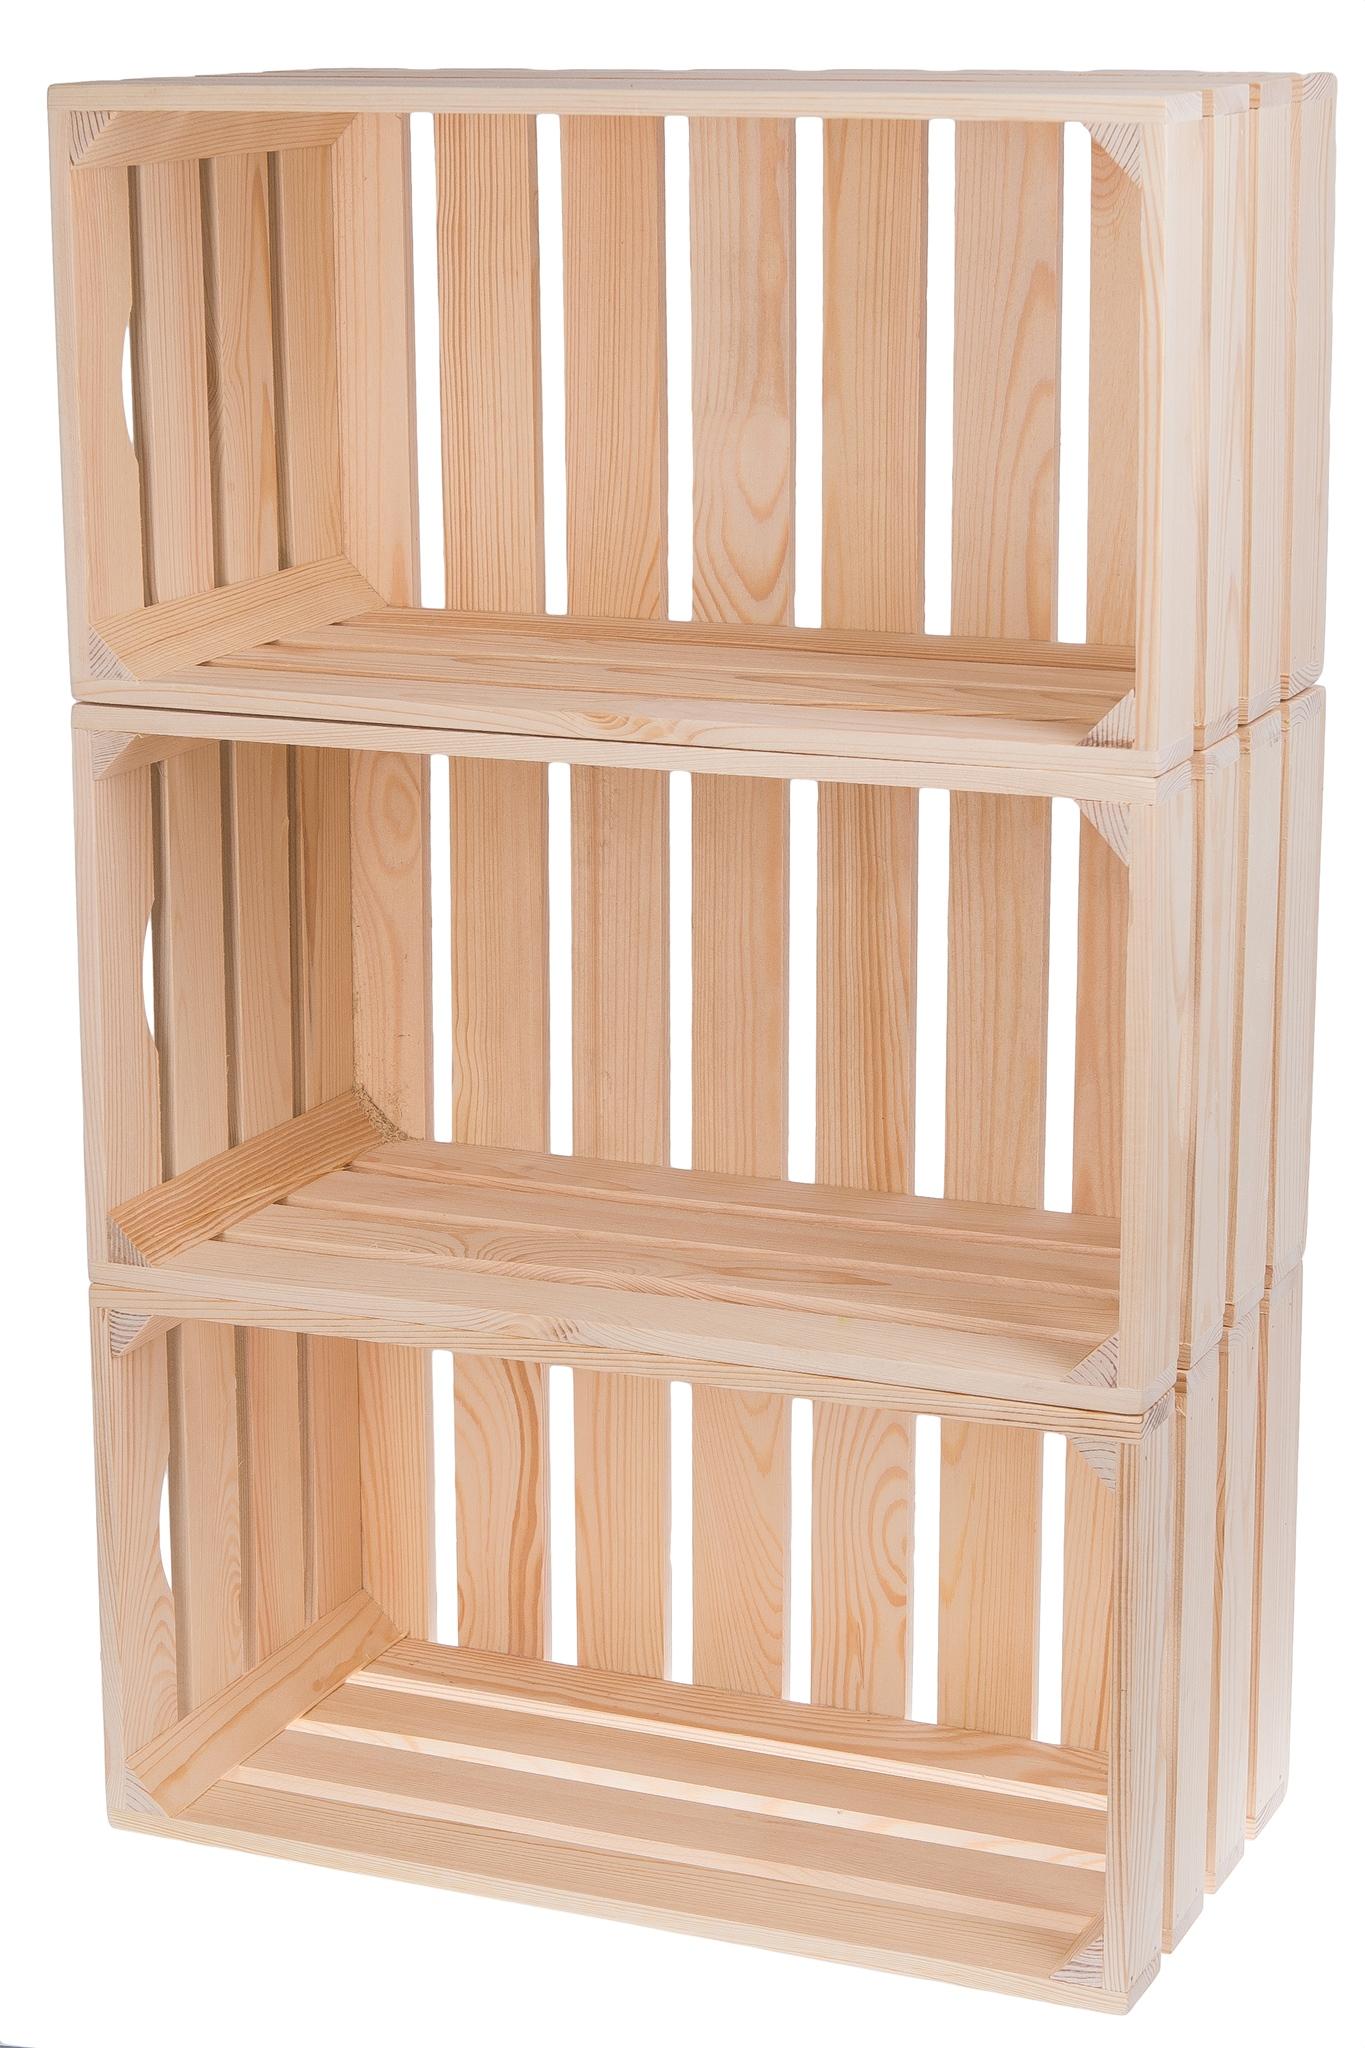 Półka Regał Skrzynki Drewniane 3 Szt Skrzynka Eko